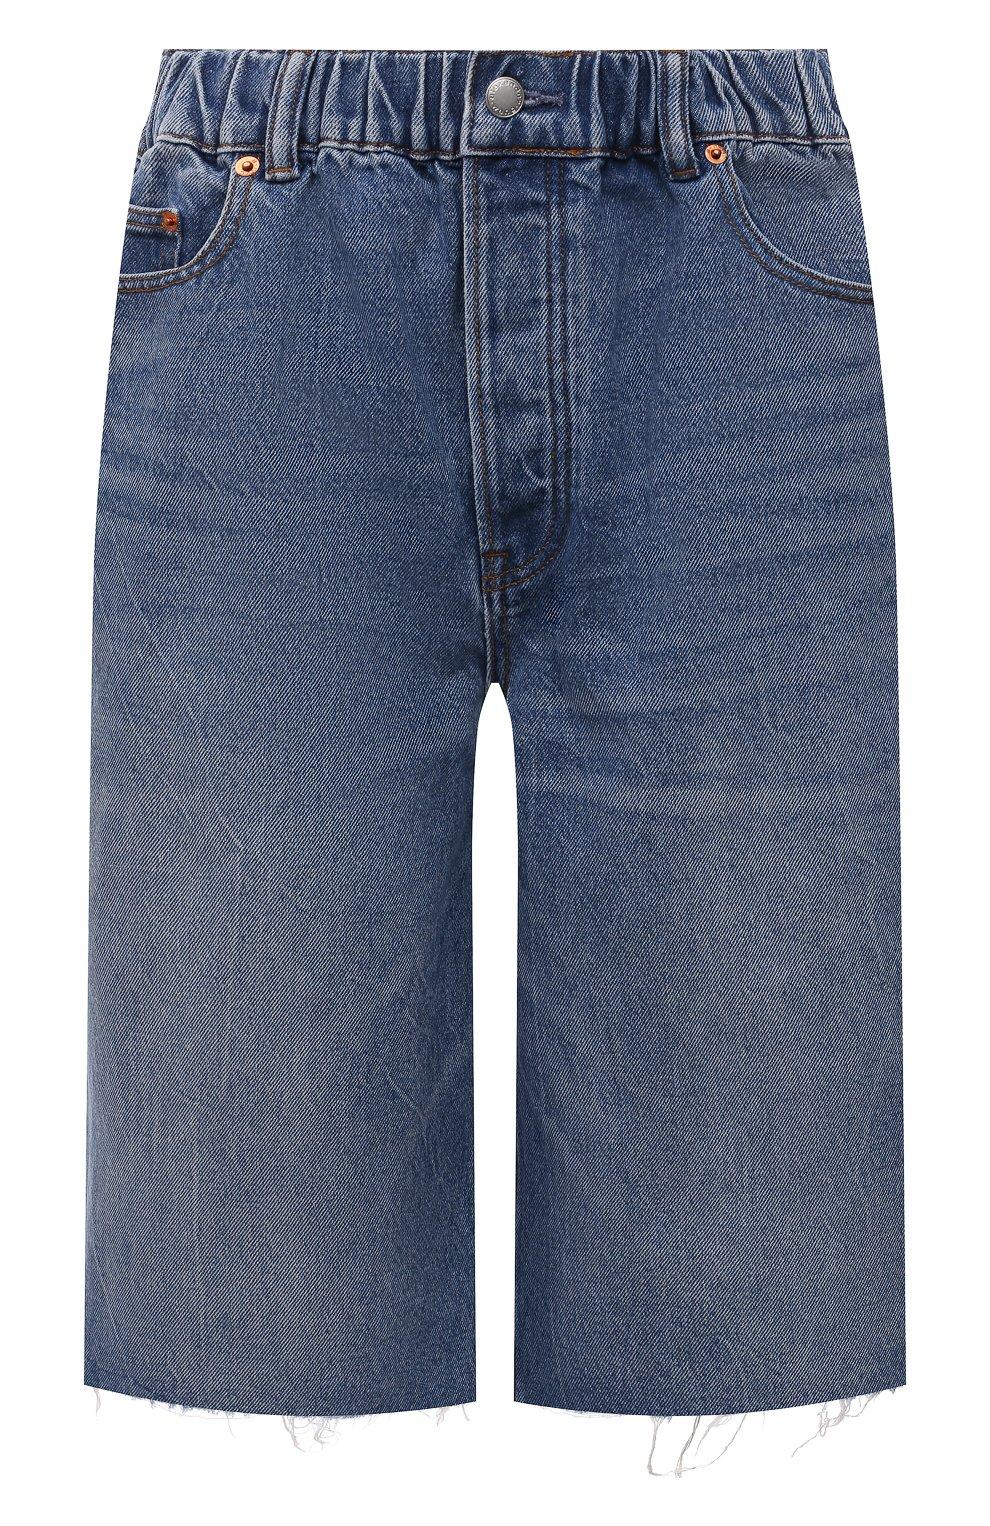 Женские джинсовые шорты DENIM X ALEXANDER WANG синего цвета, арт. 4DC4214034   Фото 1 (Женское Кросс-КТ: Шорты-одежда; Кросс-КТ: Деним, Широкие; Материал внешний: Хлопок; Длина Ж (юбки, платья, шорты): Миди; Стили: Кэжуэл)